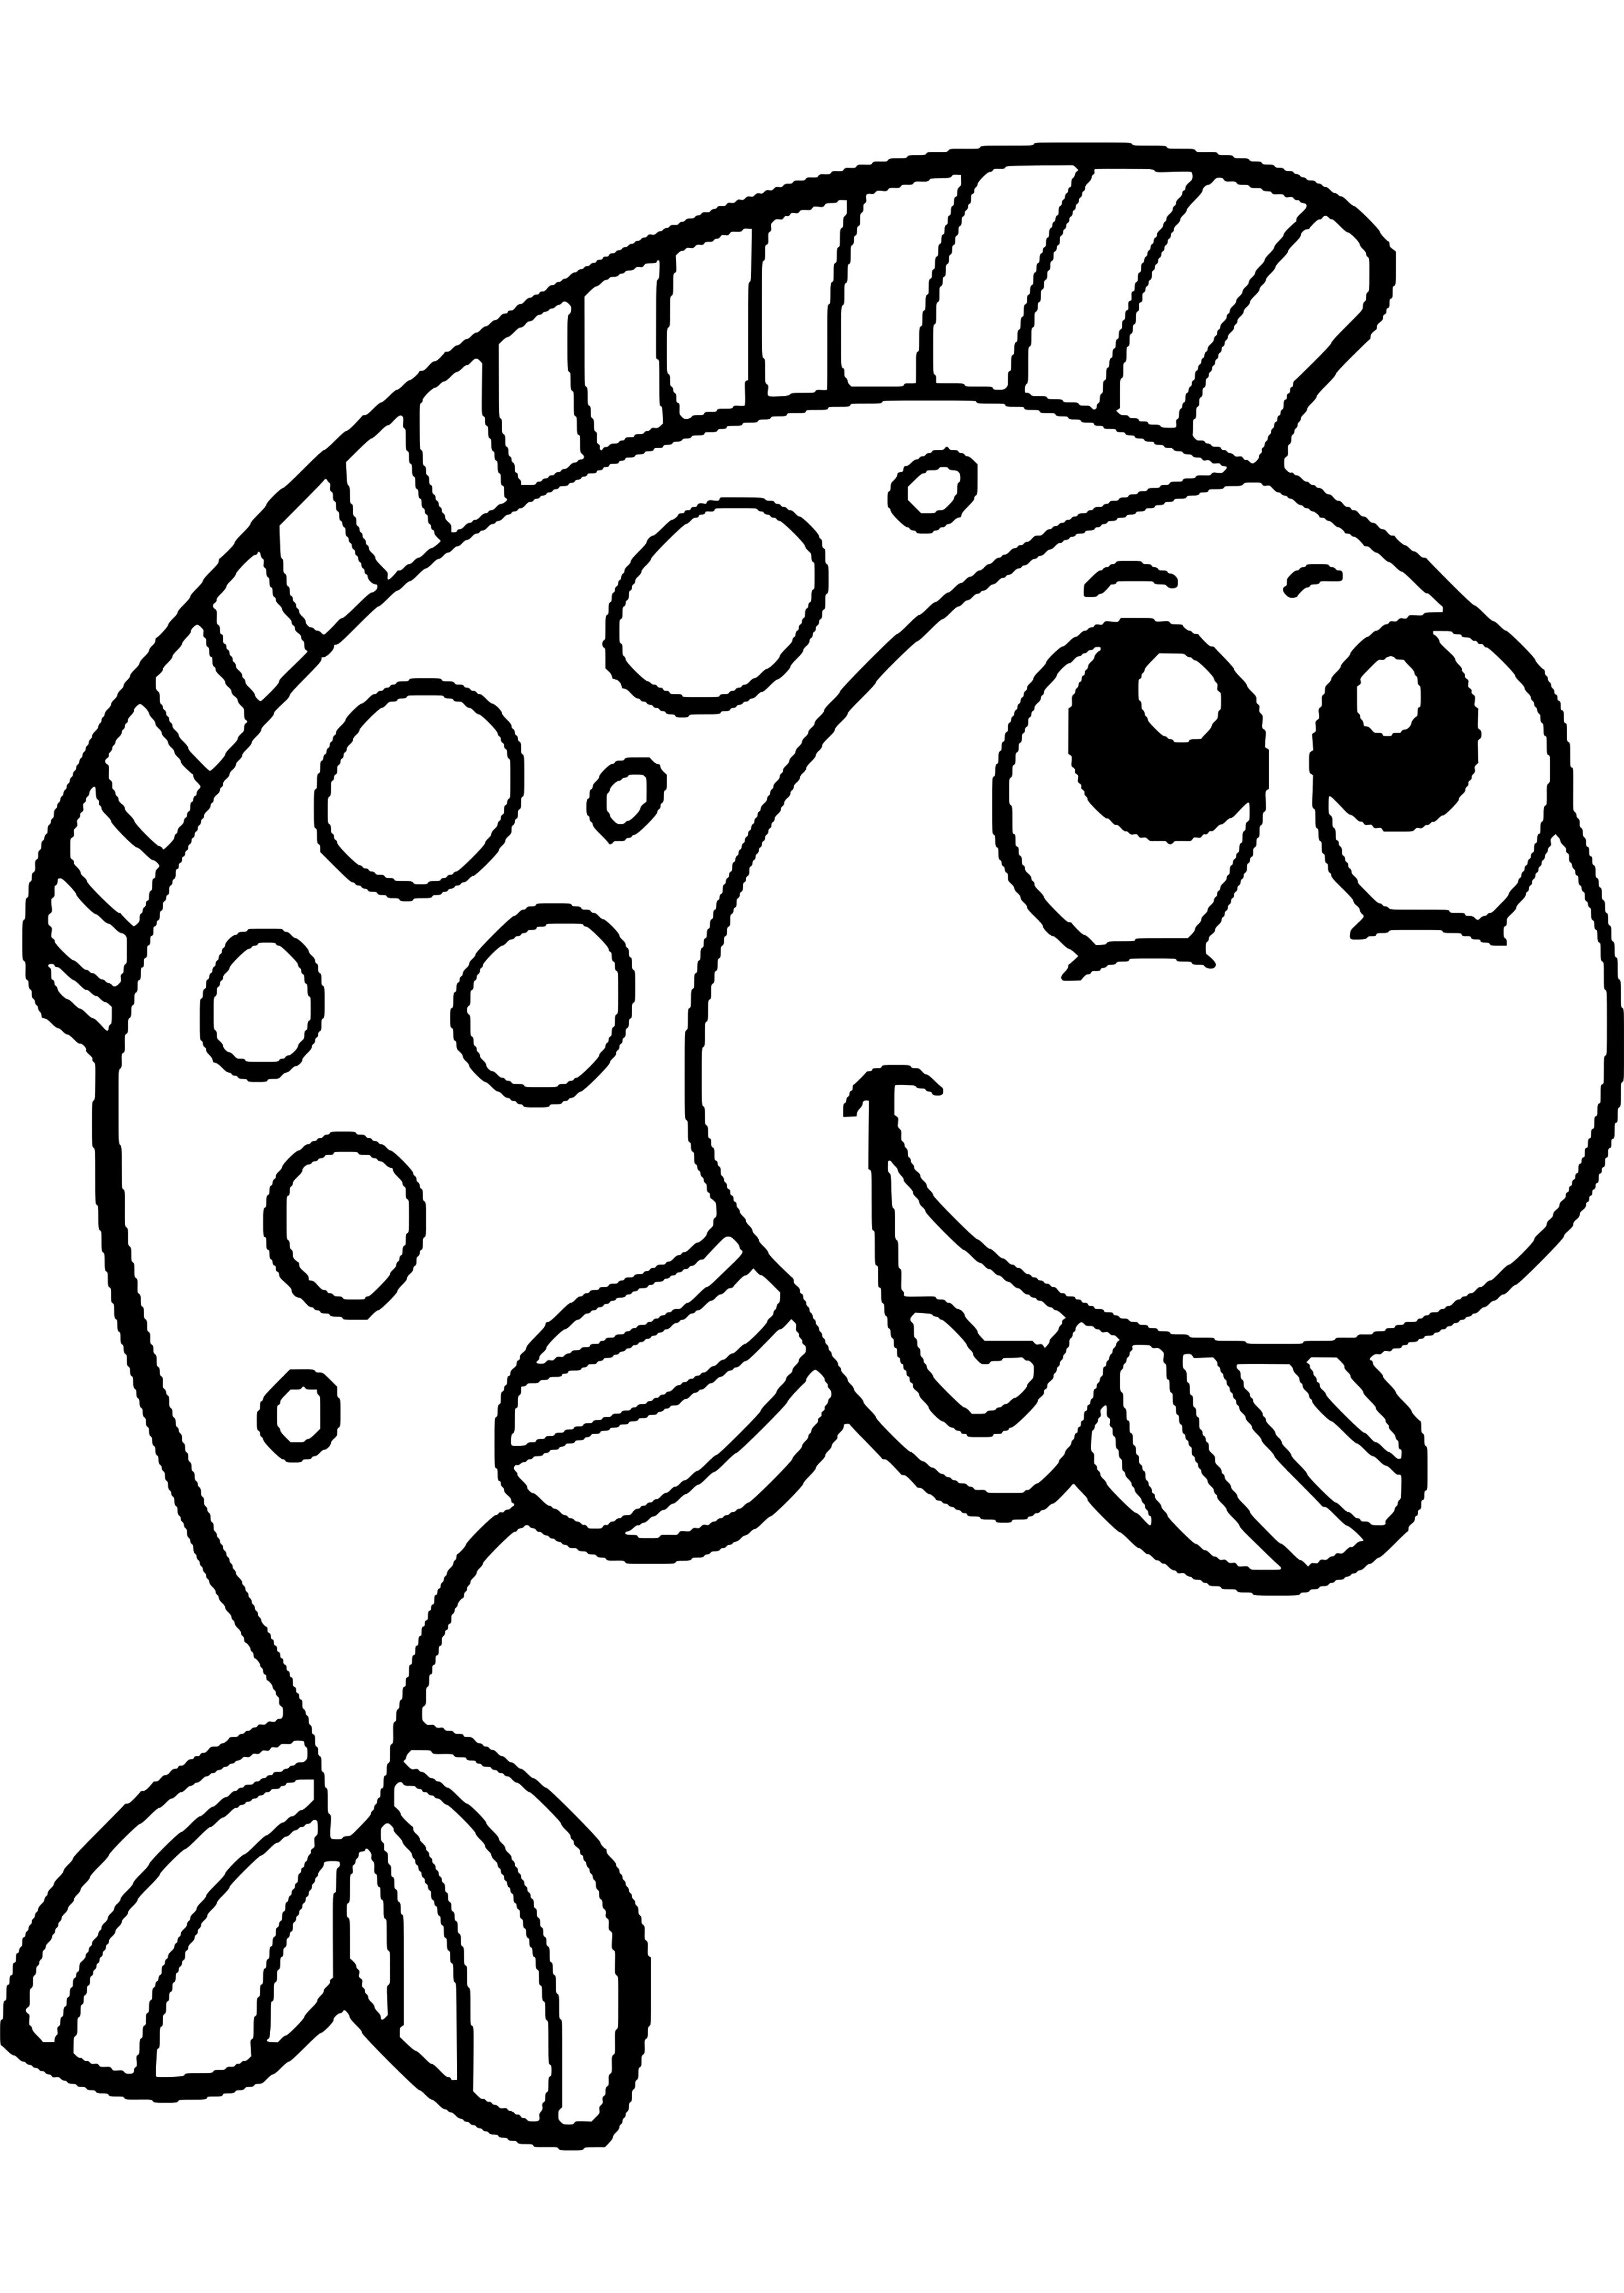 Malvorlagen Fische Gratis Zum Drucken Ausmalbild Fische ...